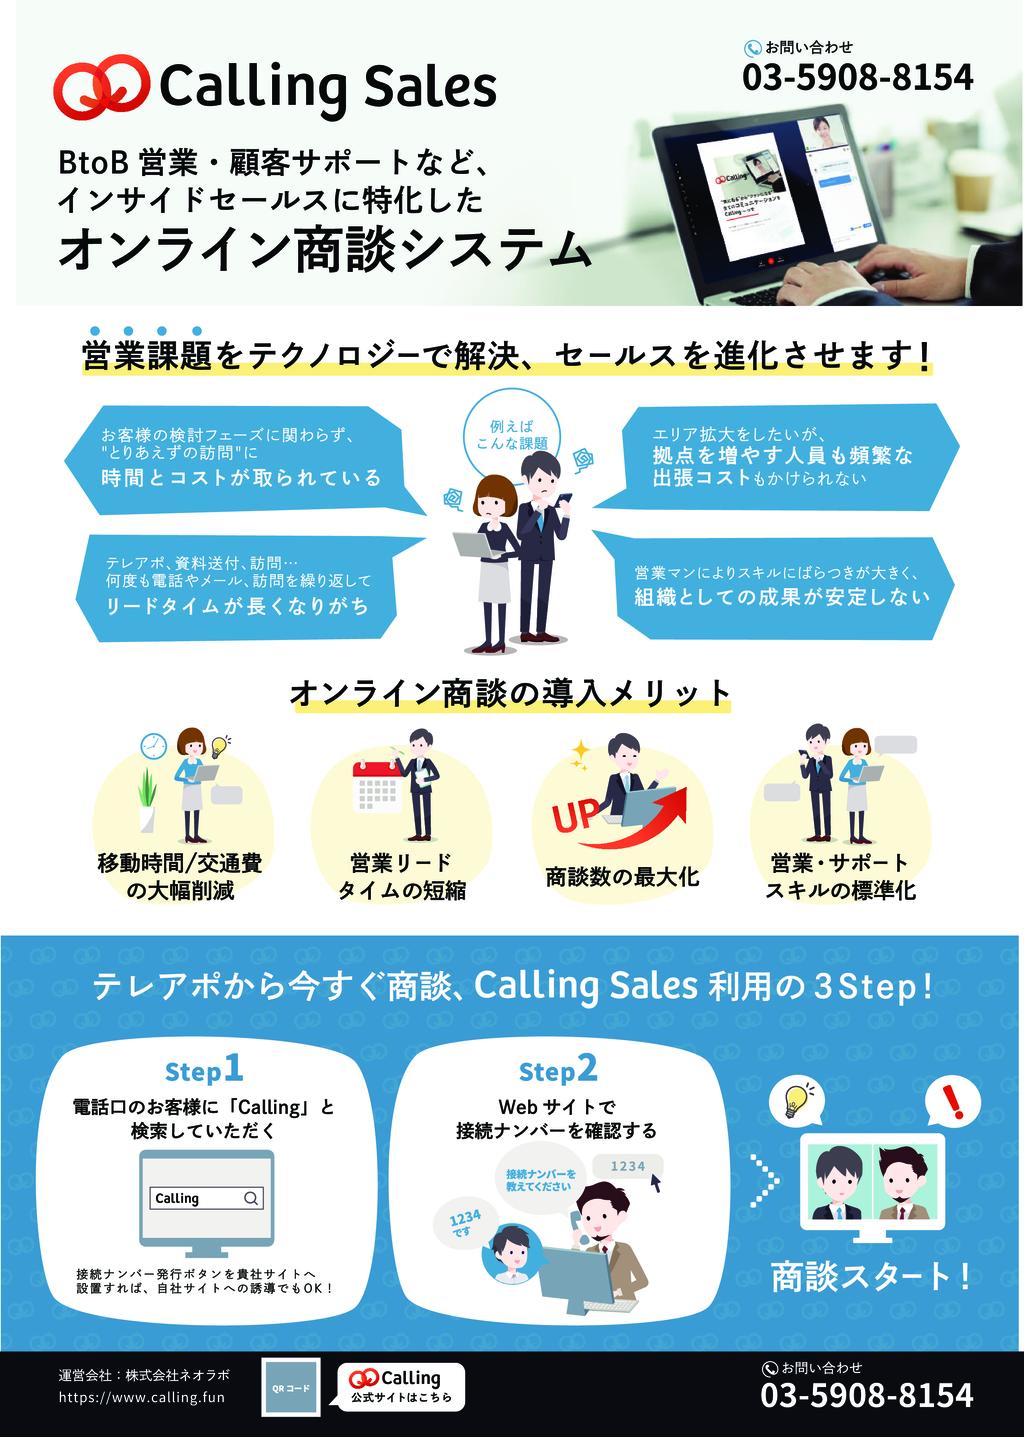 ブラウザだけで今すぐつながる|Calling Salesの資料